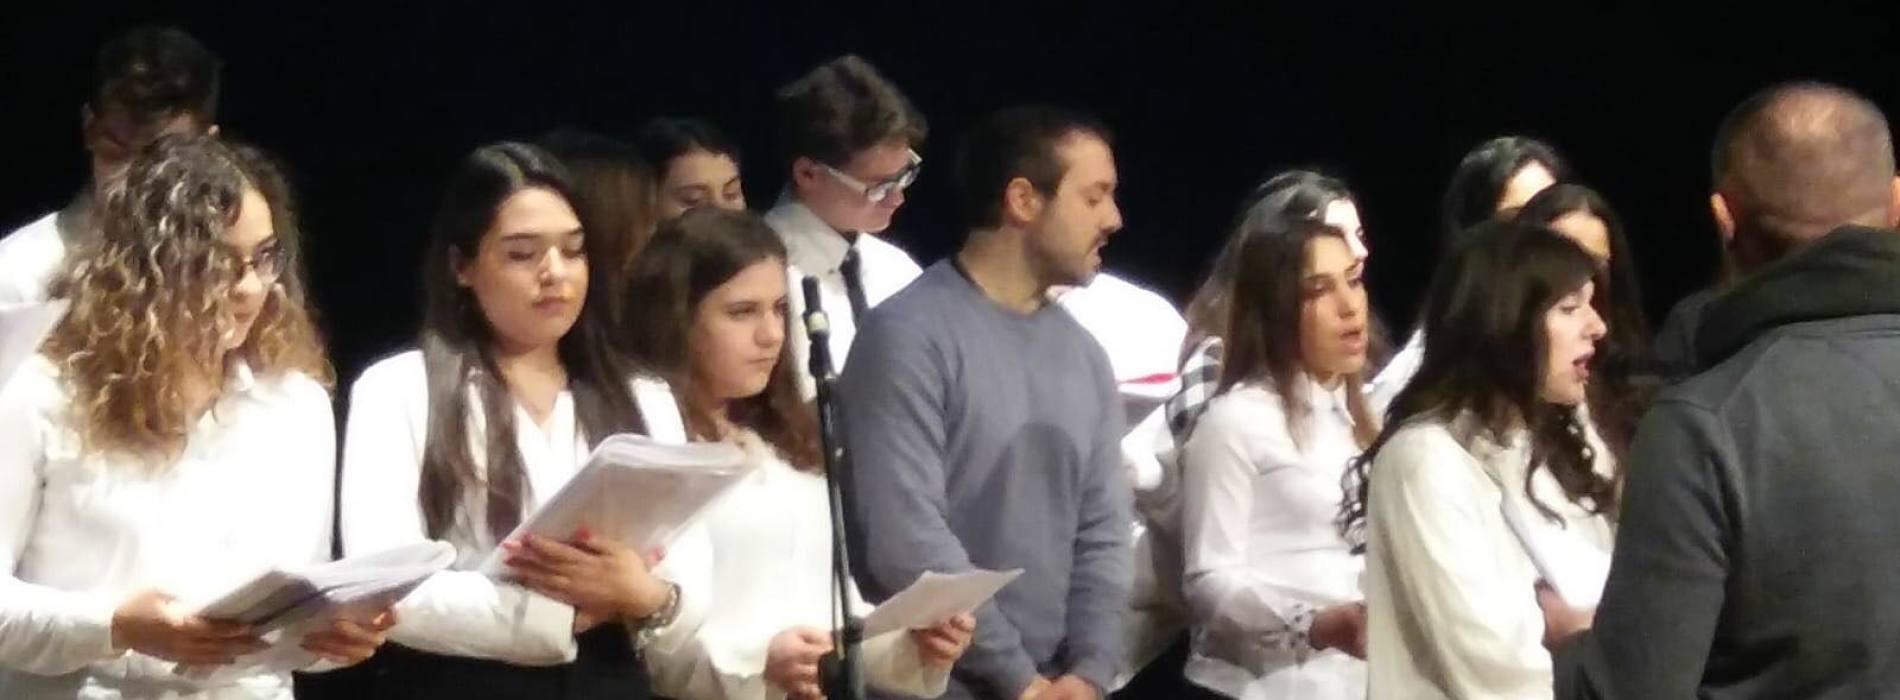 Il Coro dell'Ites Leonardo da Vinci in scena al Teatro Garibaldi